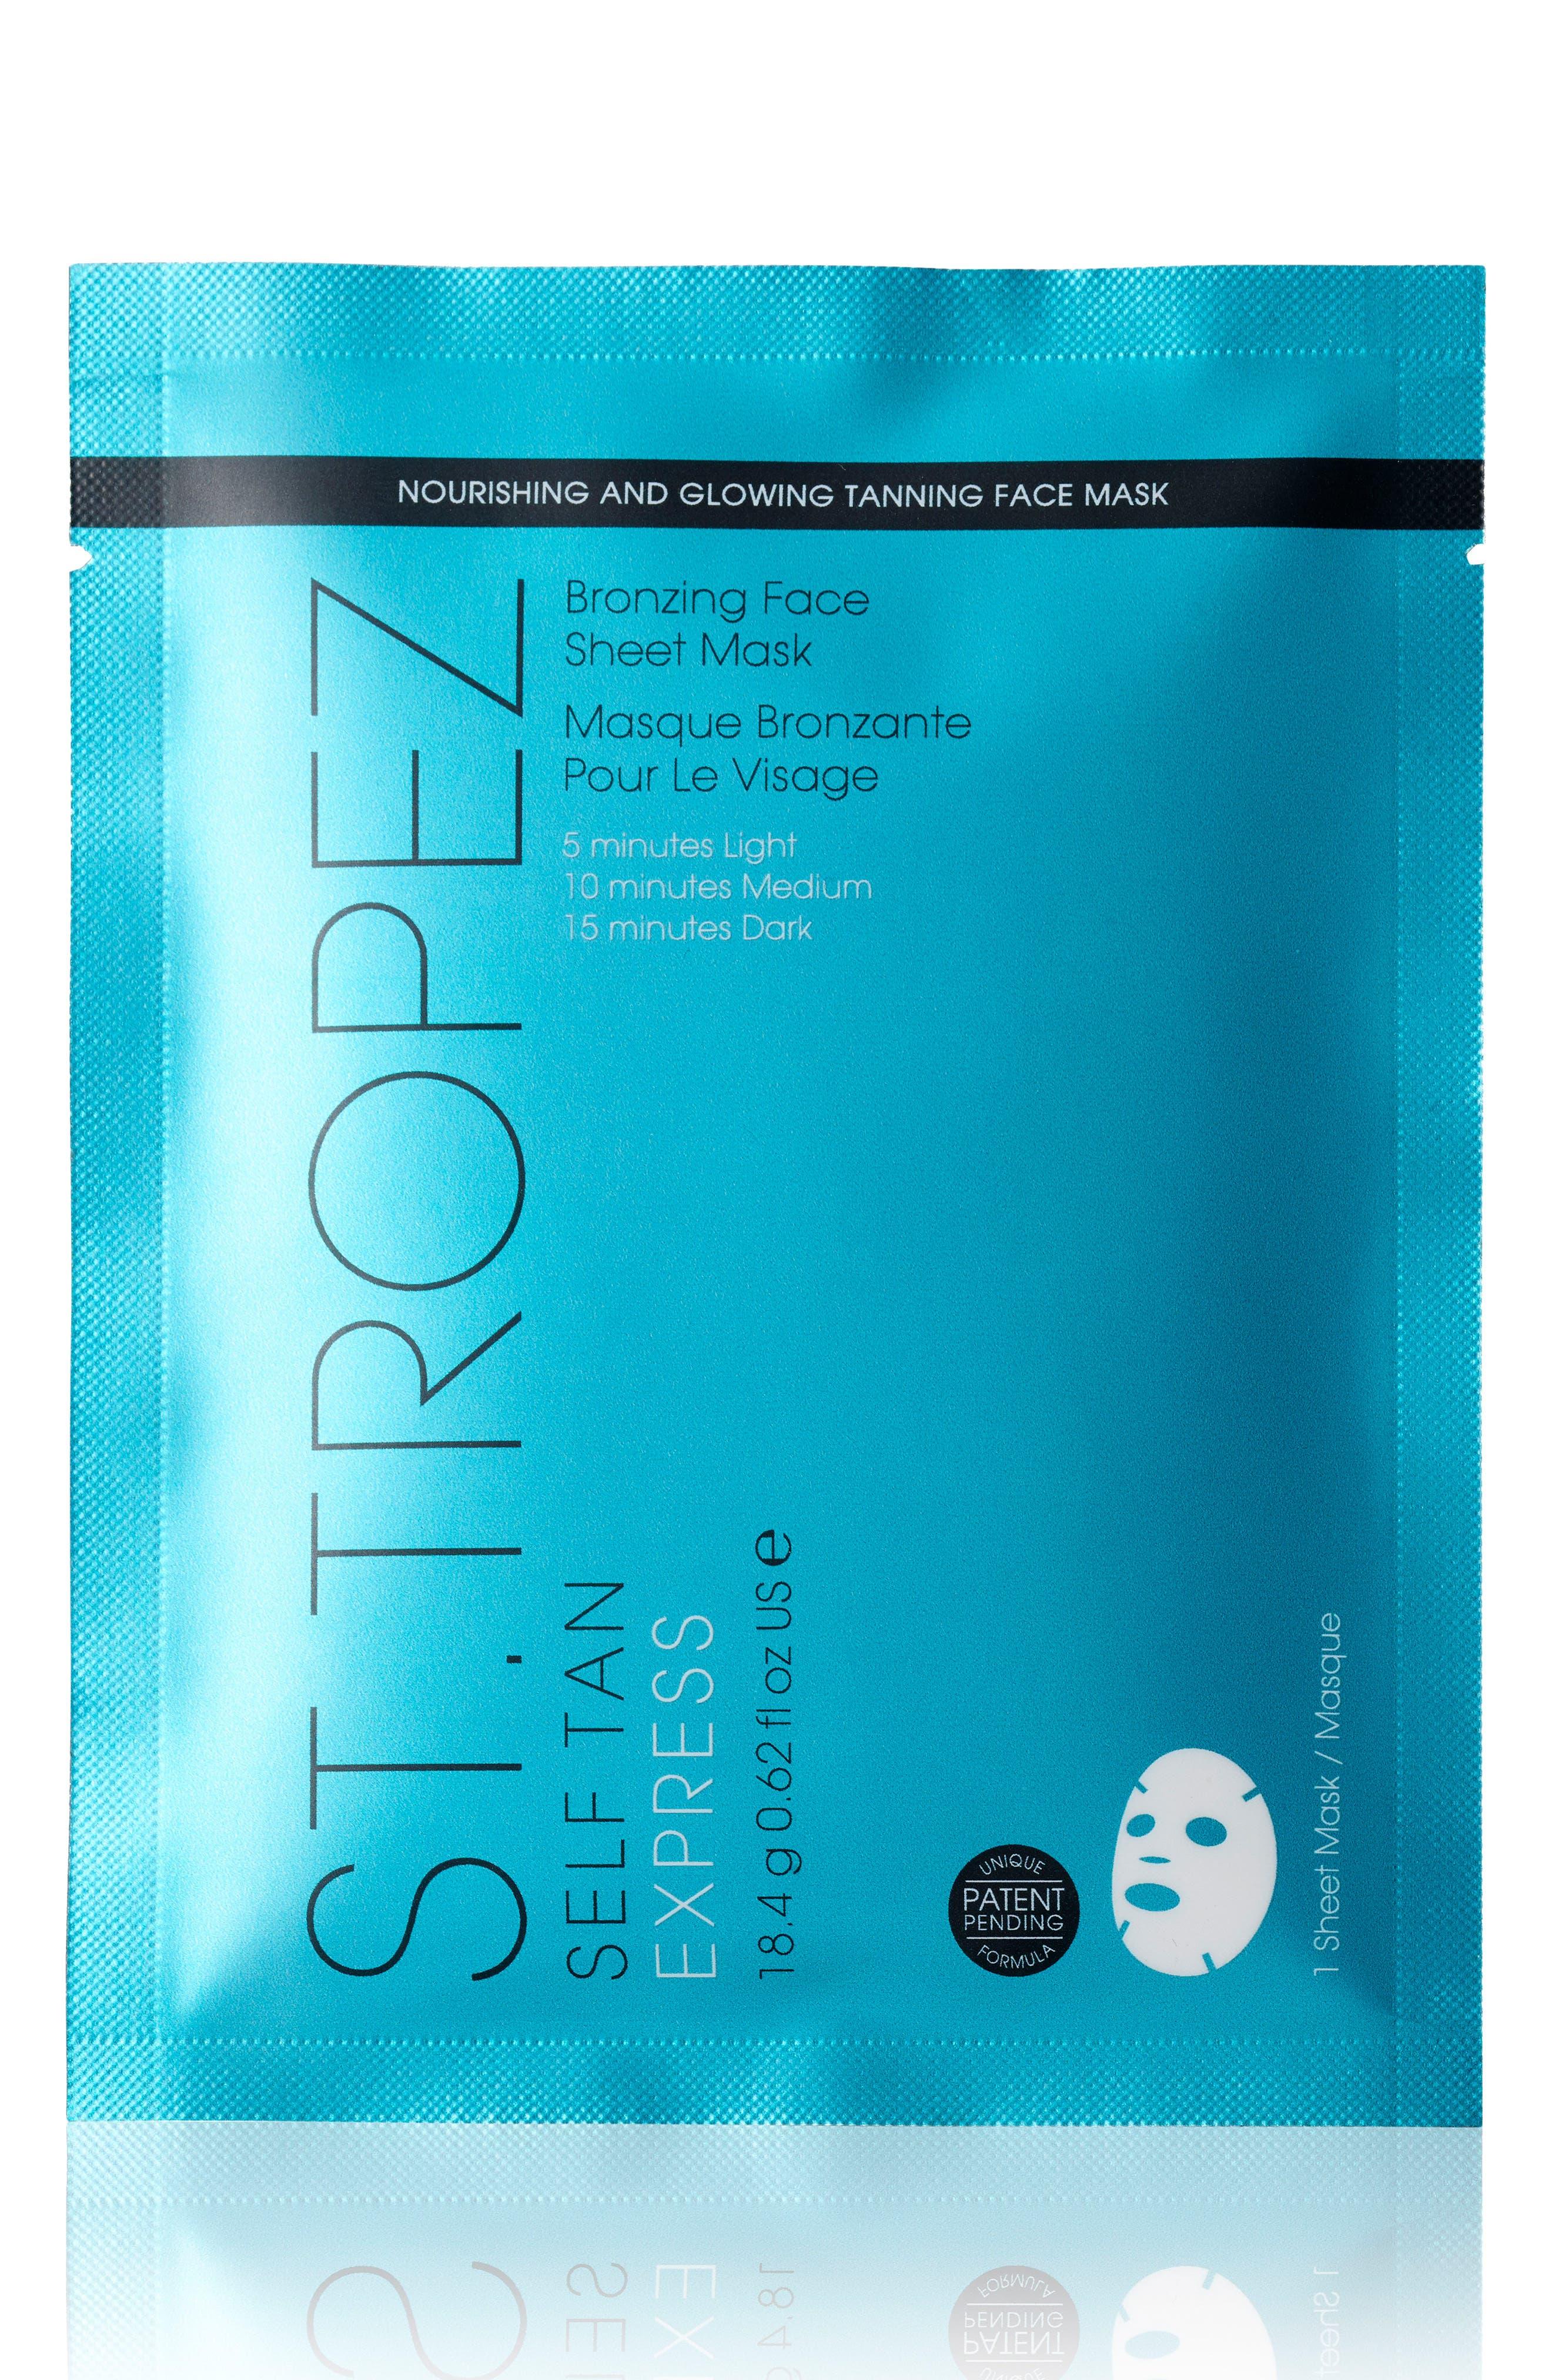 St. Tropez Self Tan Express Sheet Mask